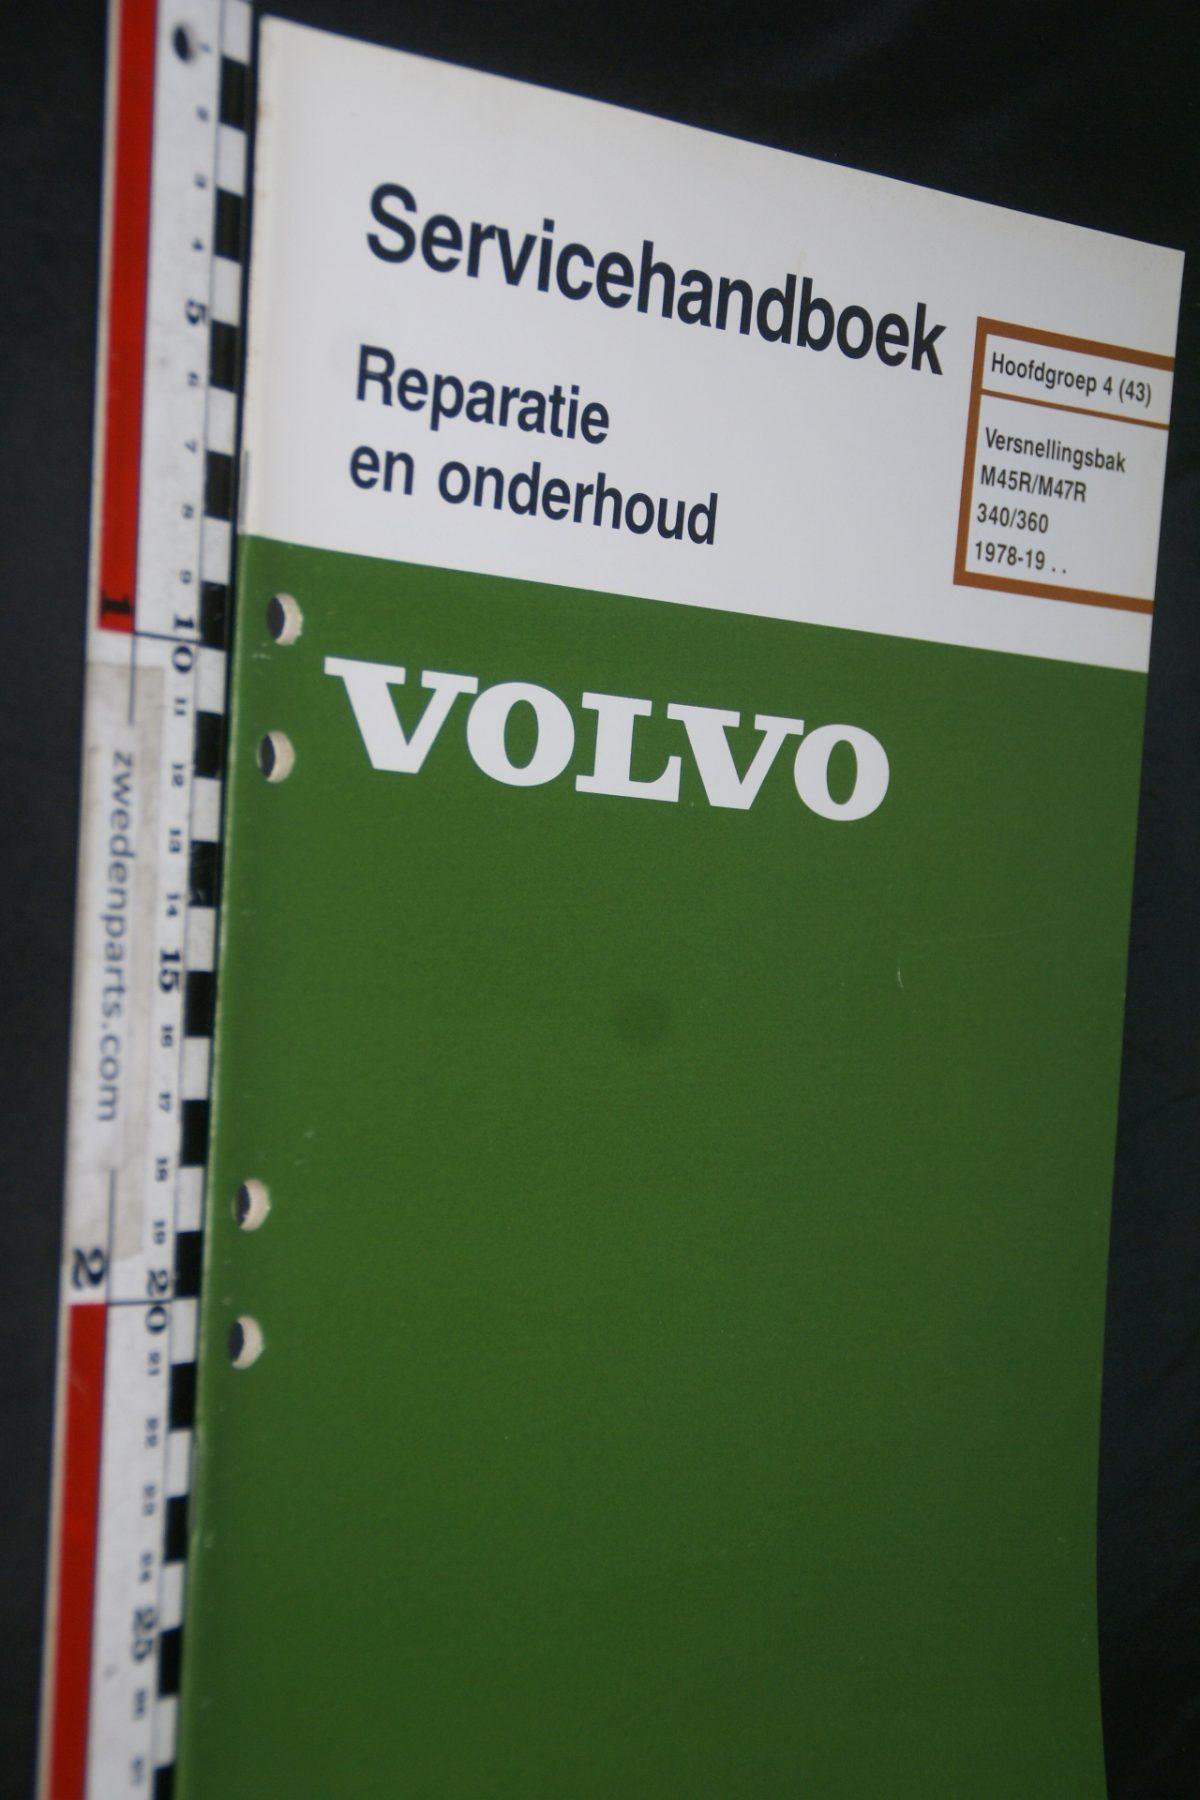 DSC06840 1983 origineel Volvo 340,360 servicehandboek 4 (43) versnellingsbak M45R, M47R 1 van 900 TP 35180-1